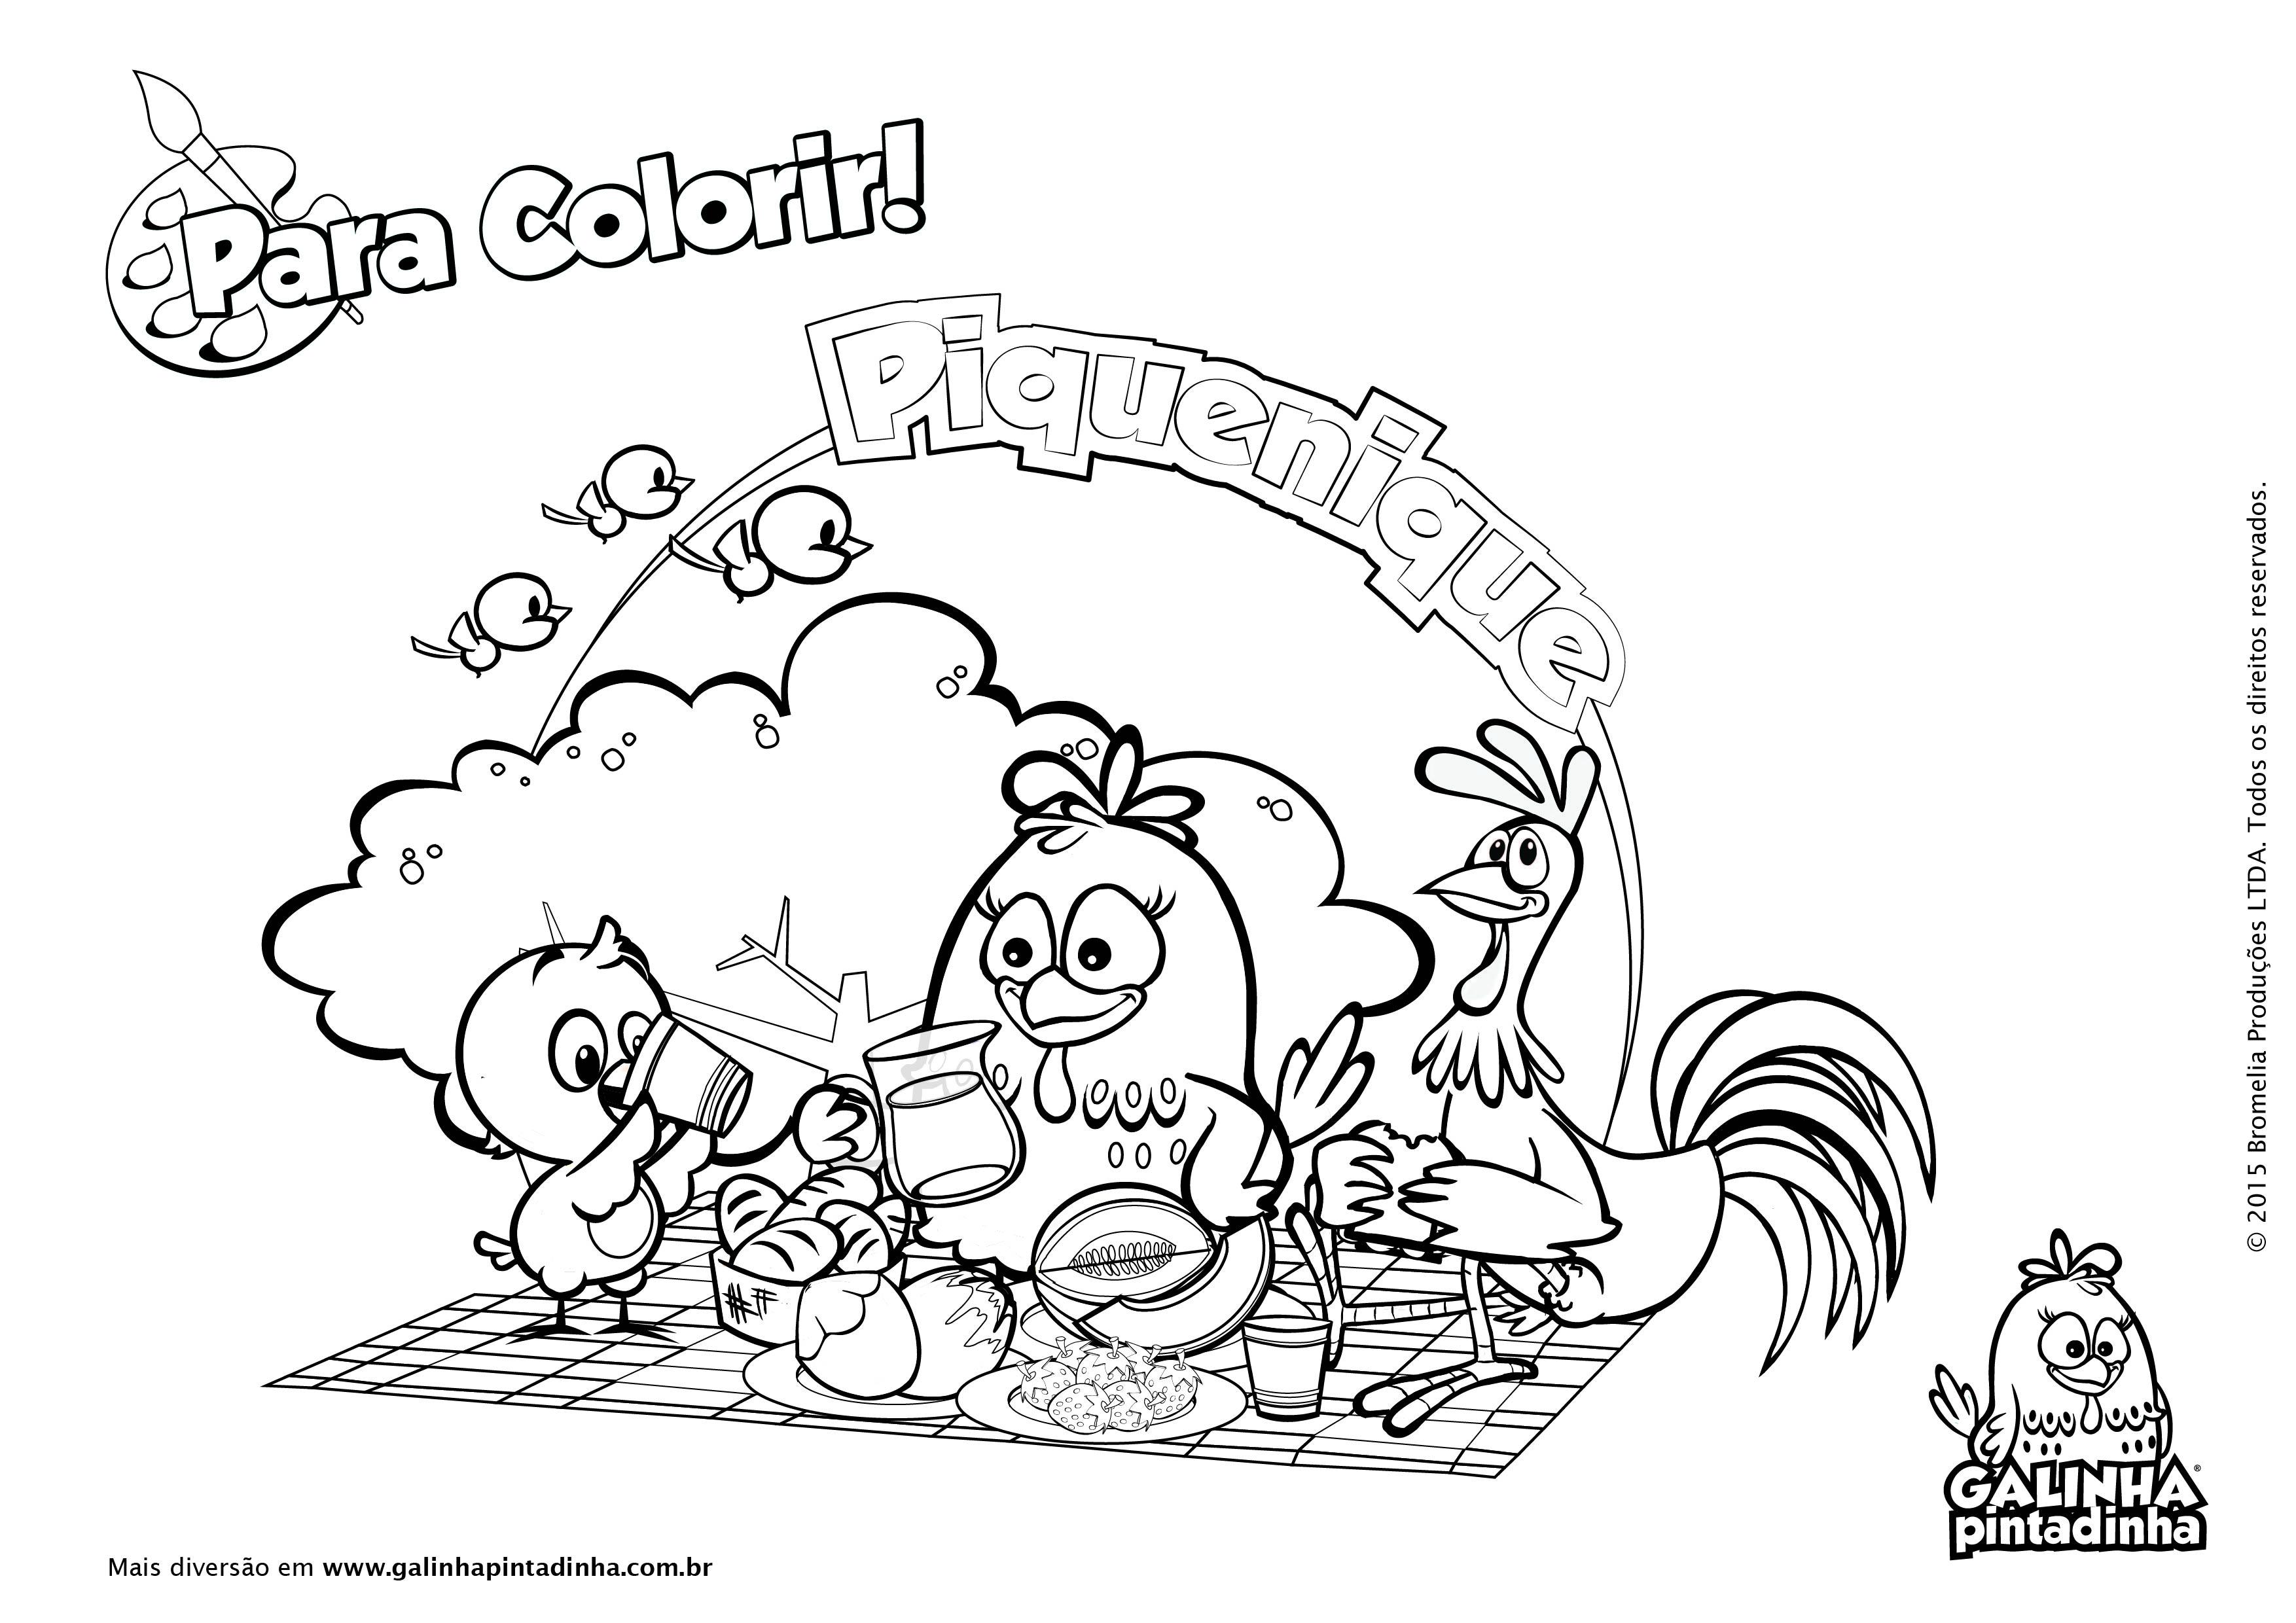 25 Desenhos Do Angry Birds Para Colorir Em Casa: Galinha Pintadinha Para Colorir 13